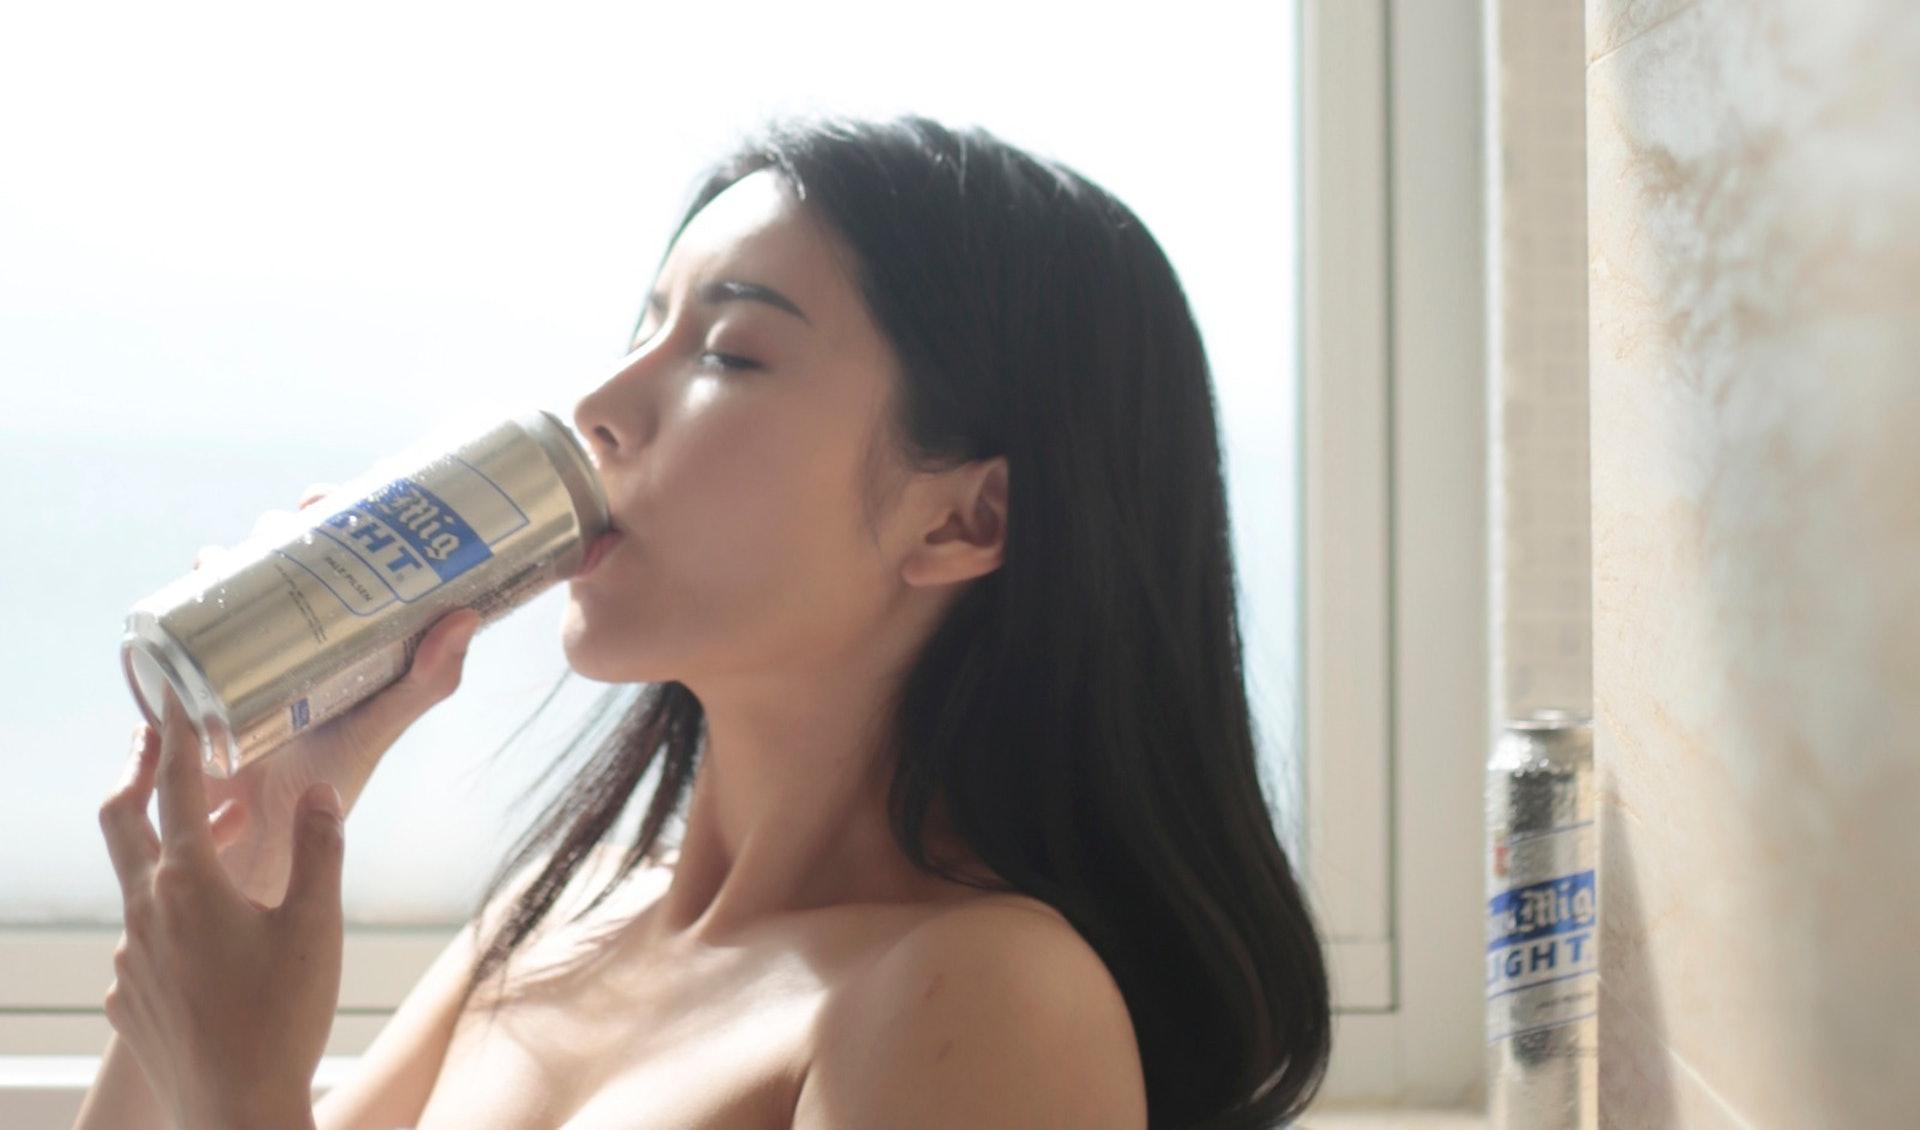 陳欣妍(Shirley Chan)近期不止拍攝電視節目,也多了拍攝廣告。(受訪者提供)